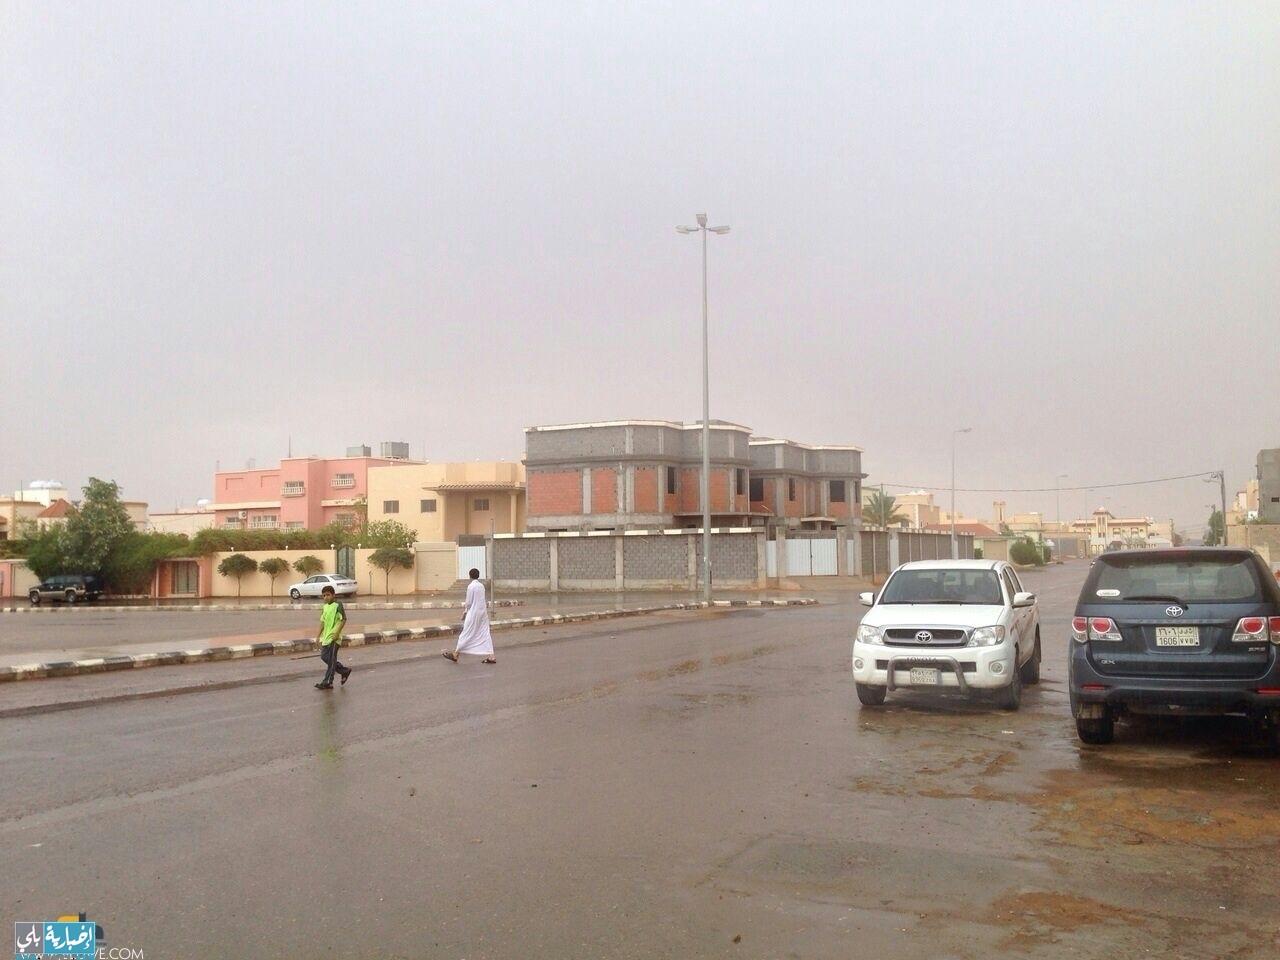 IMG-20141011-WA0009 امطار على مدينة الجوف ومحافظة طريف امطار على مدينة الجوف ومحافظة طريف IMG 20141011 WA0009